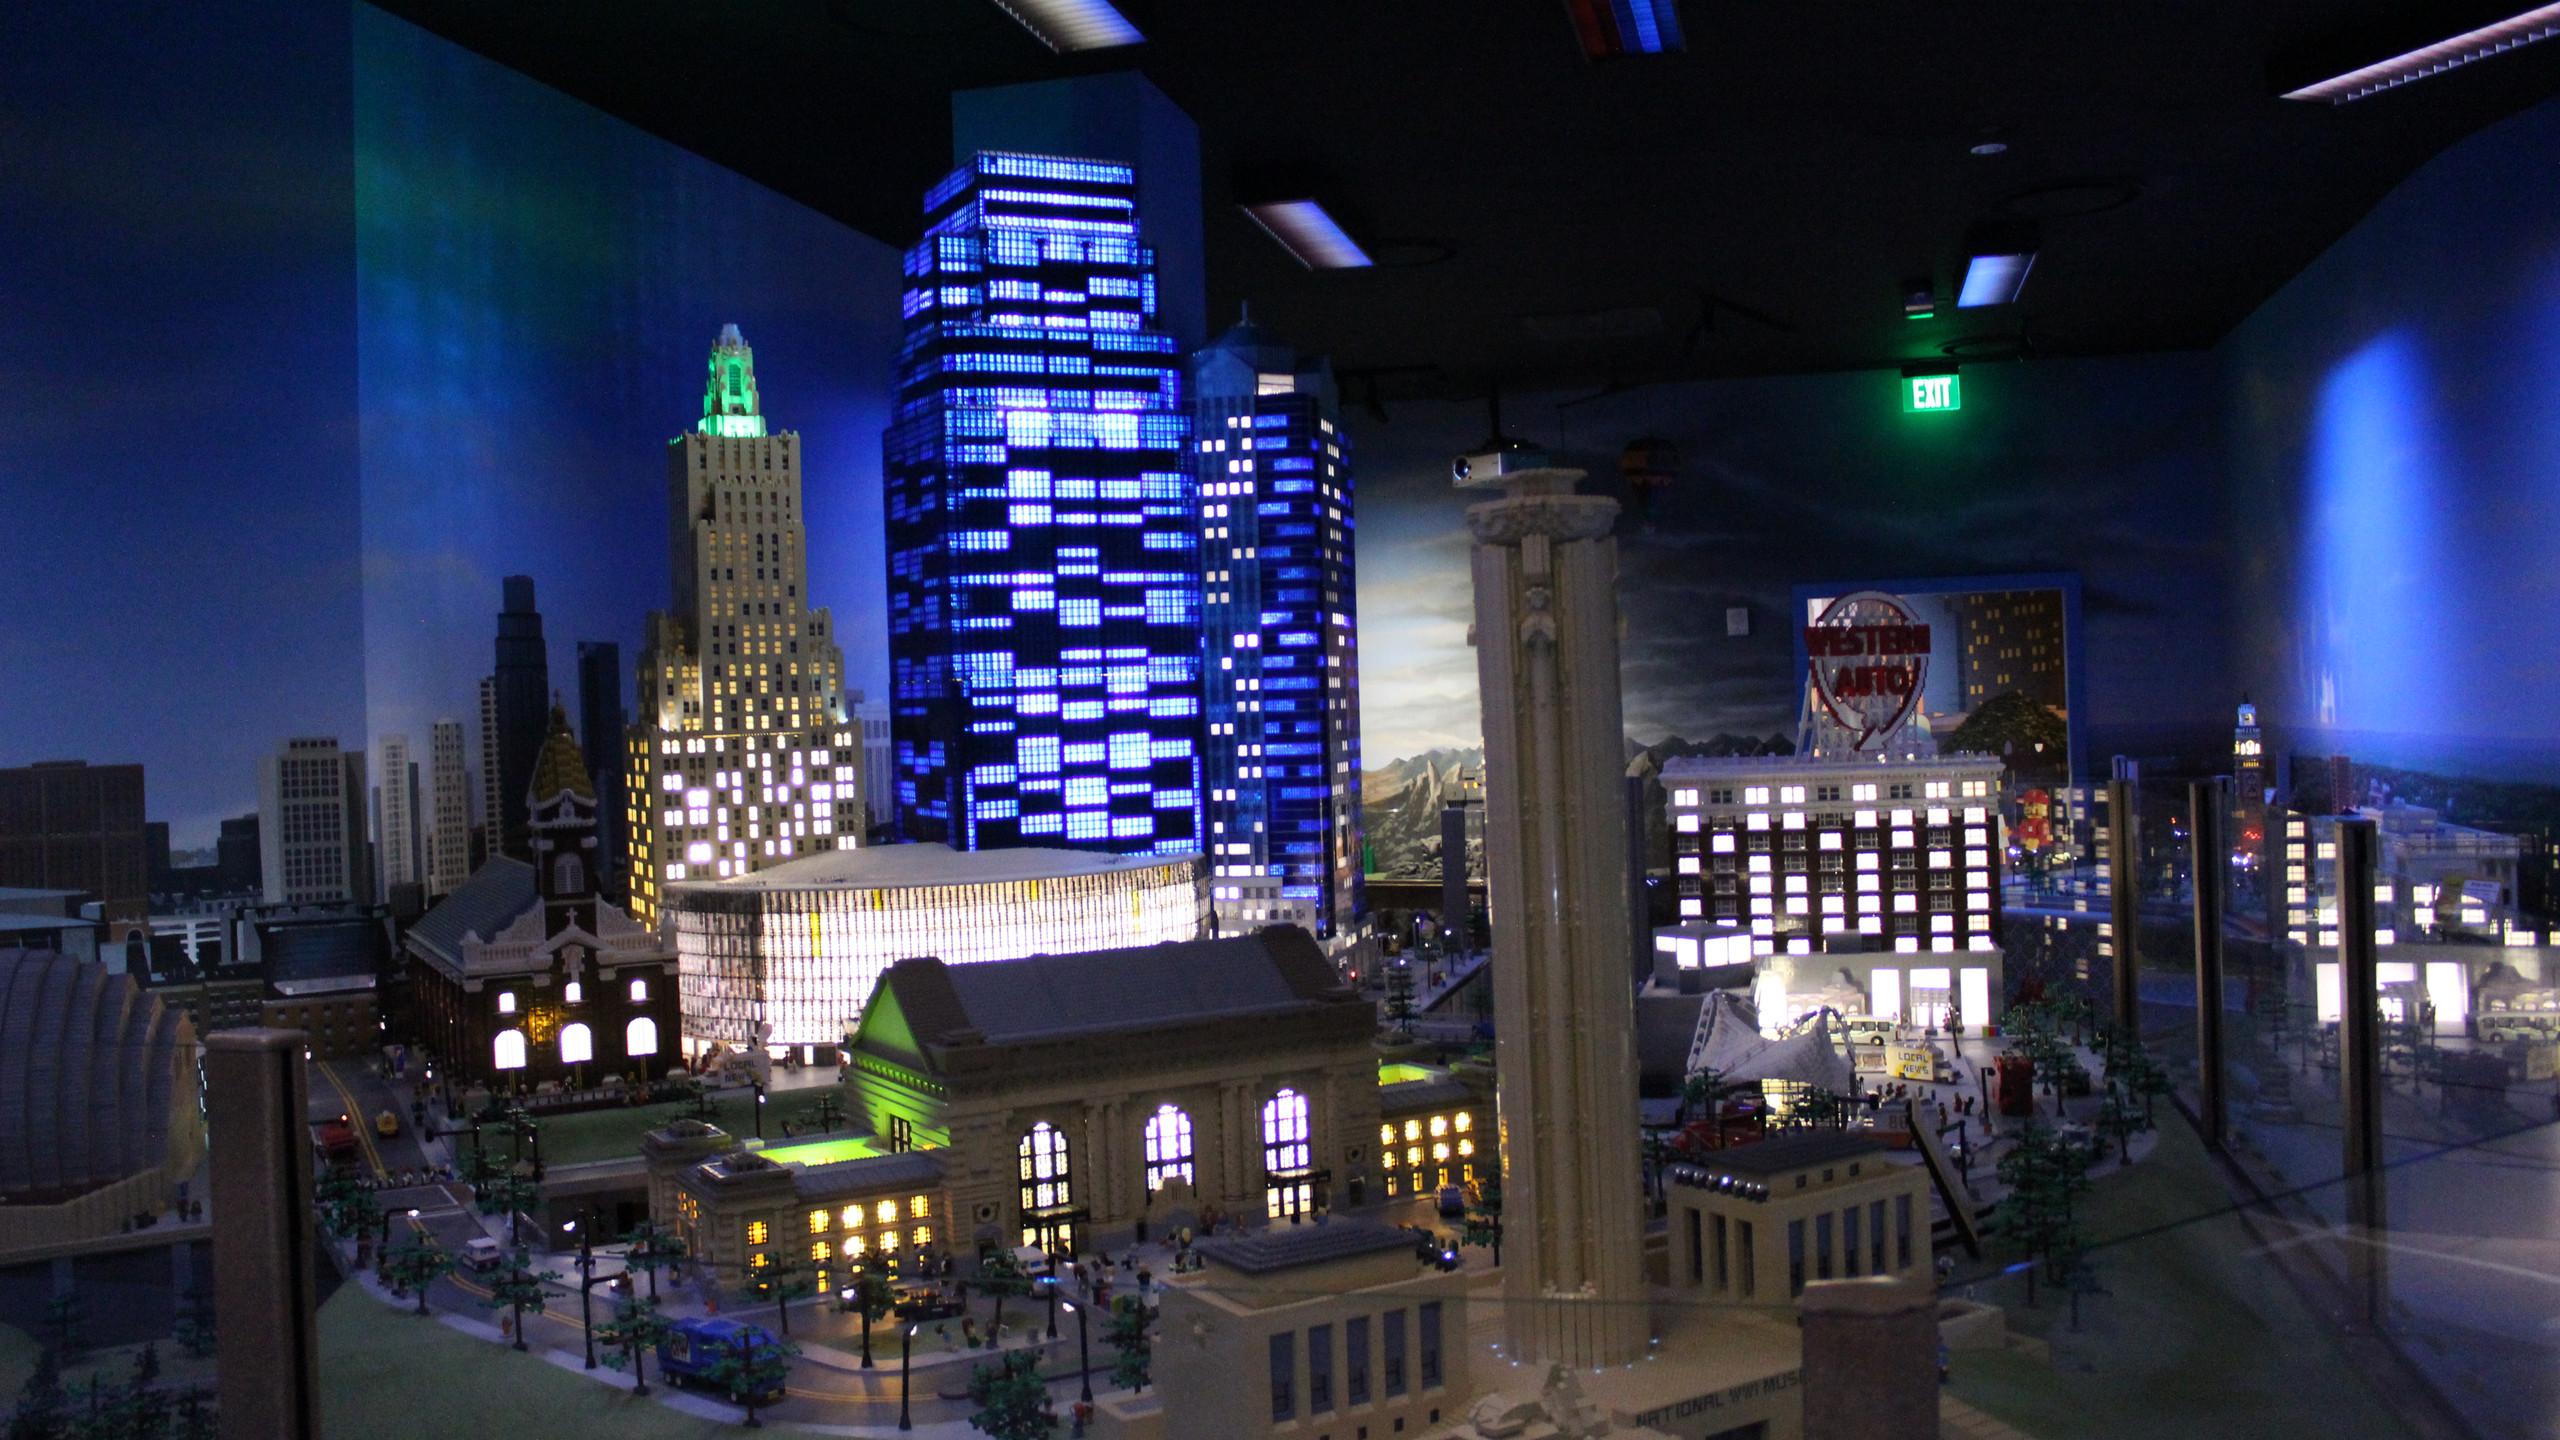 MINILAND Kansas City at LEGOLAND Discovery Center in Kansas City